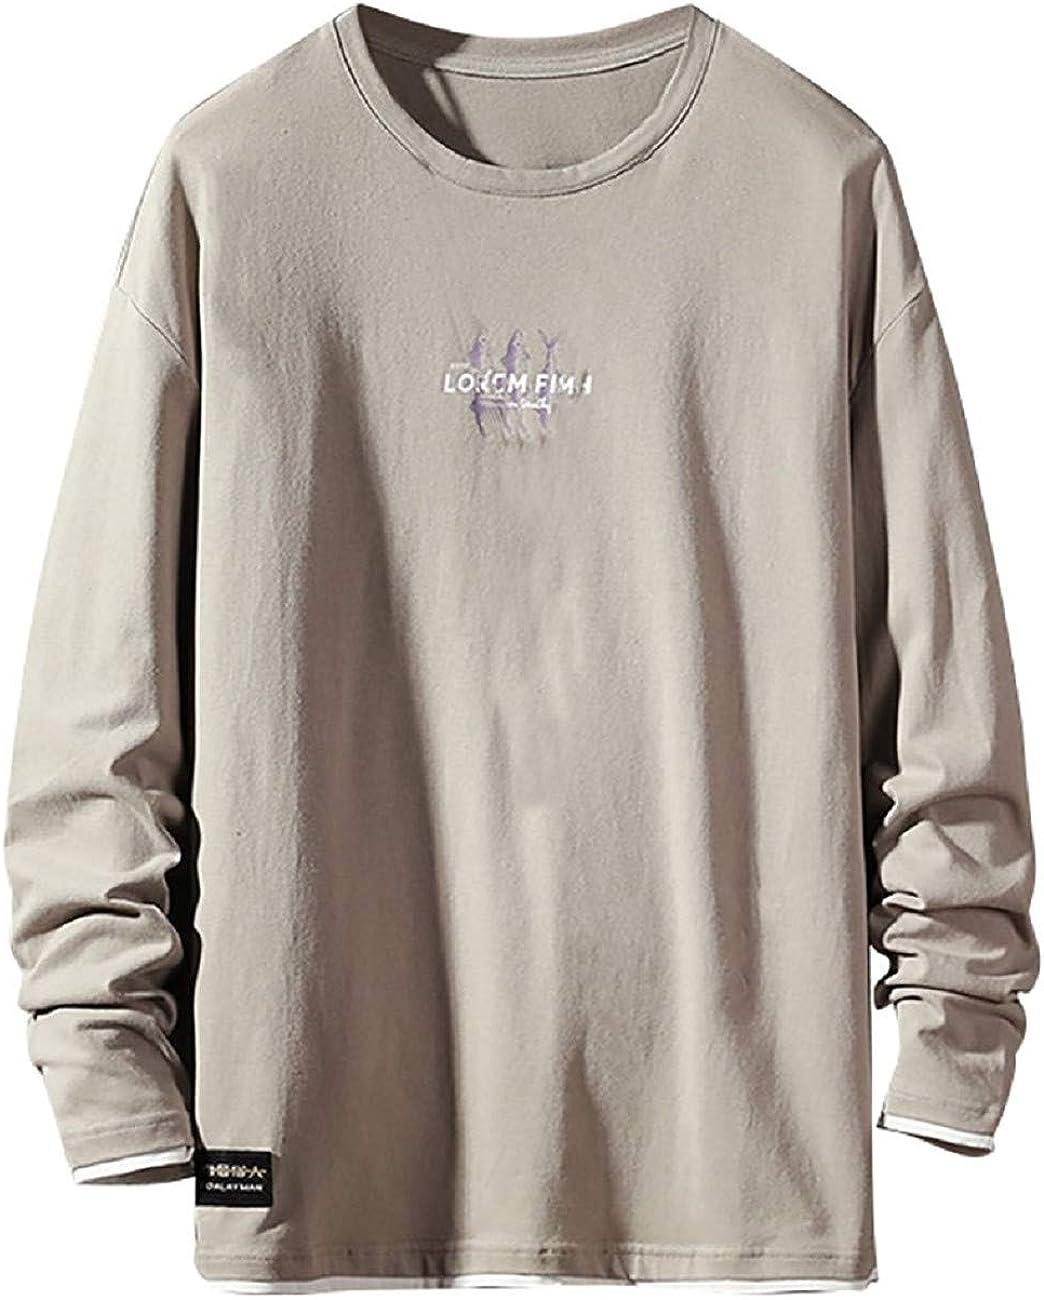 Camiseta De Los Hombres Camisa De Los Hombres OtoñO Camisa De Manga Larga para Hombre Carta De La Moda Informal Camiseta Impresa Tops TamañO Extra Grande Camiseta CóModa Sudadera Blusa Resplend: Amazon.es: